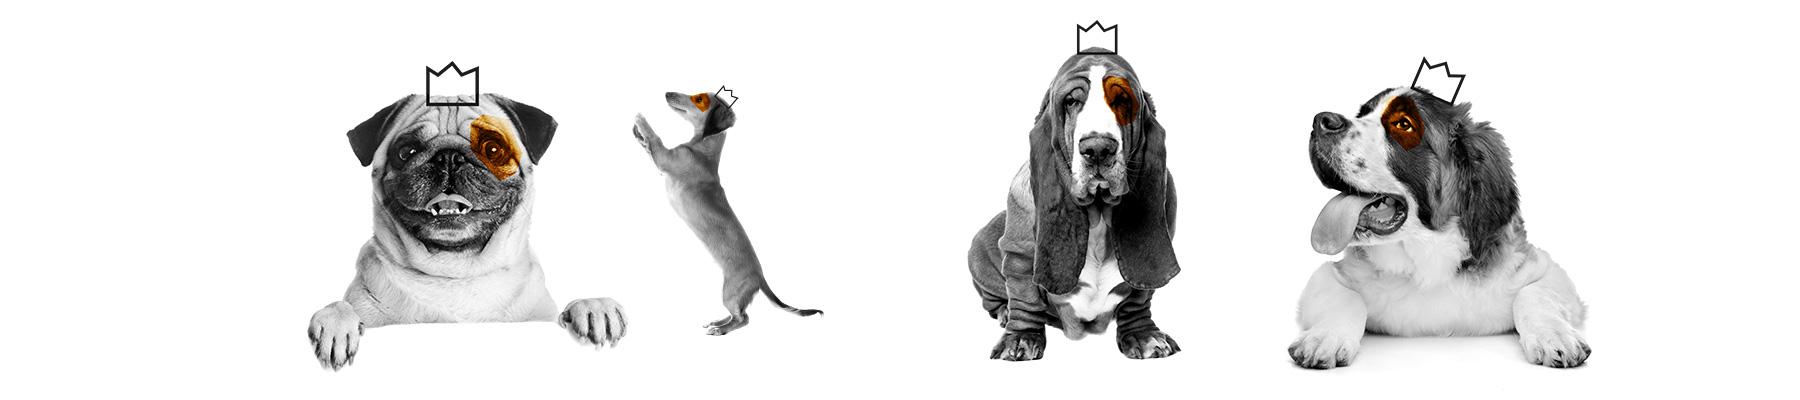 koenig-koffein-brand-corporate-design-identity-dogs-by-max-duchardt-gr